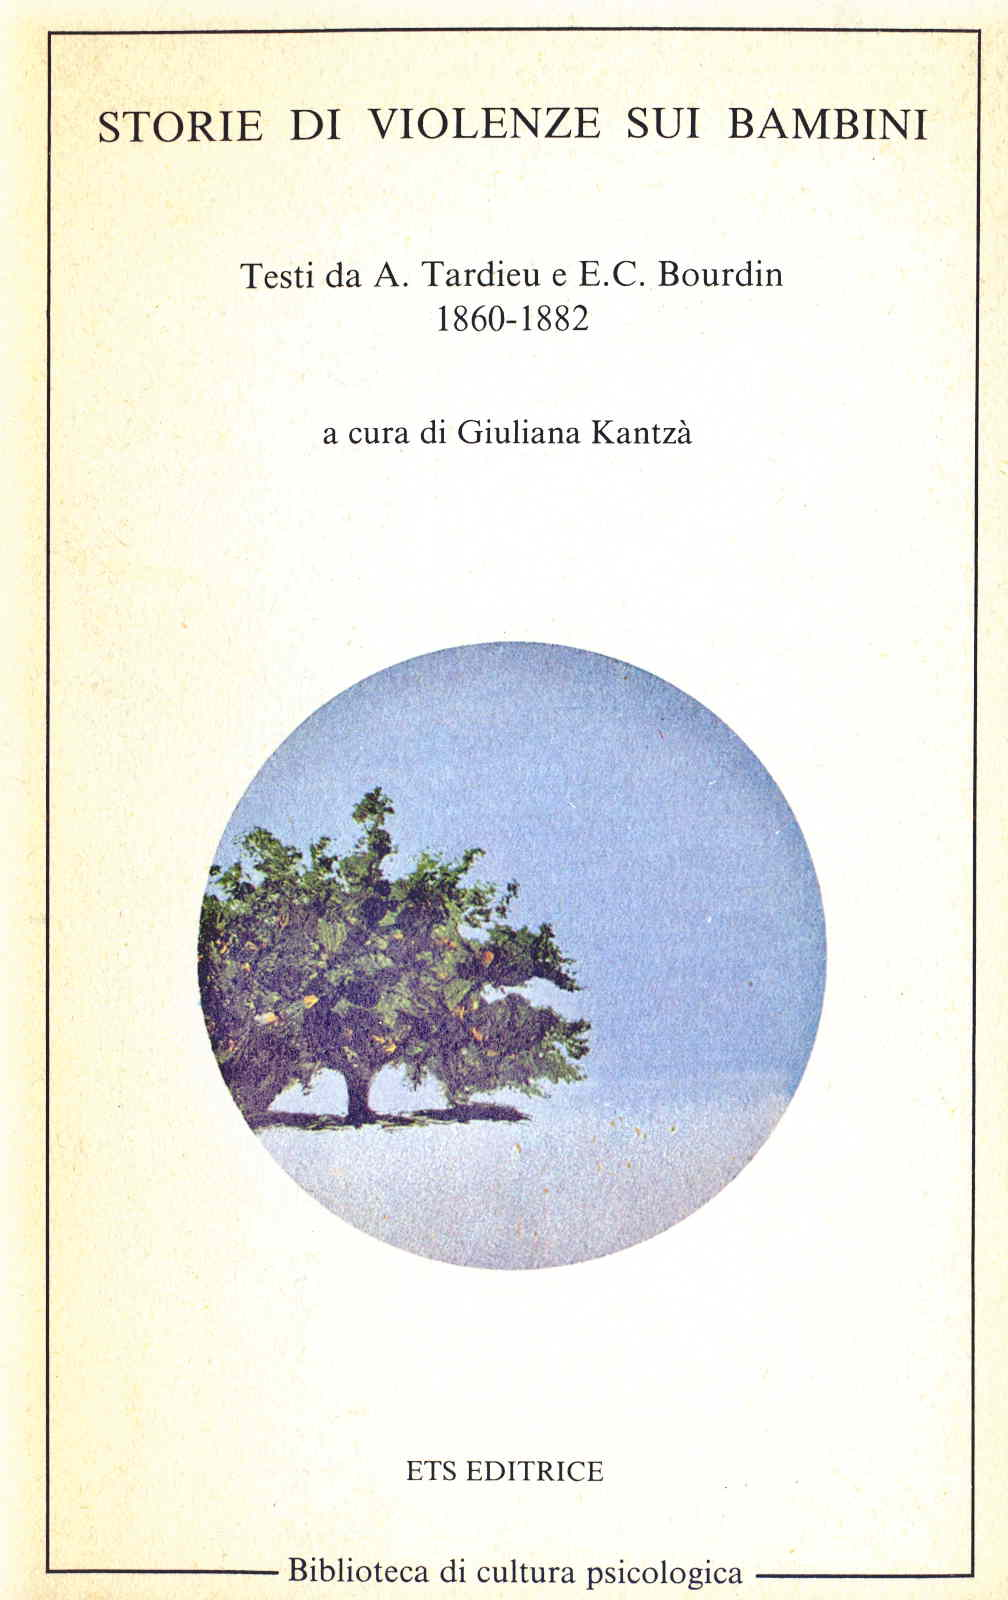 Storie di violenze sui bambini (1860-1882)